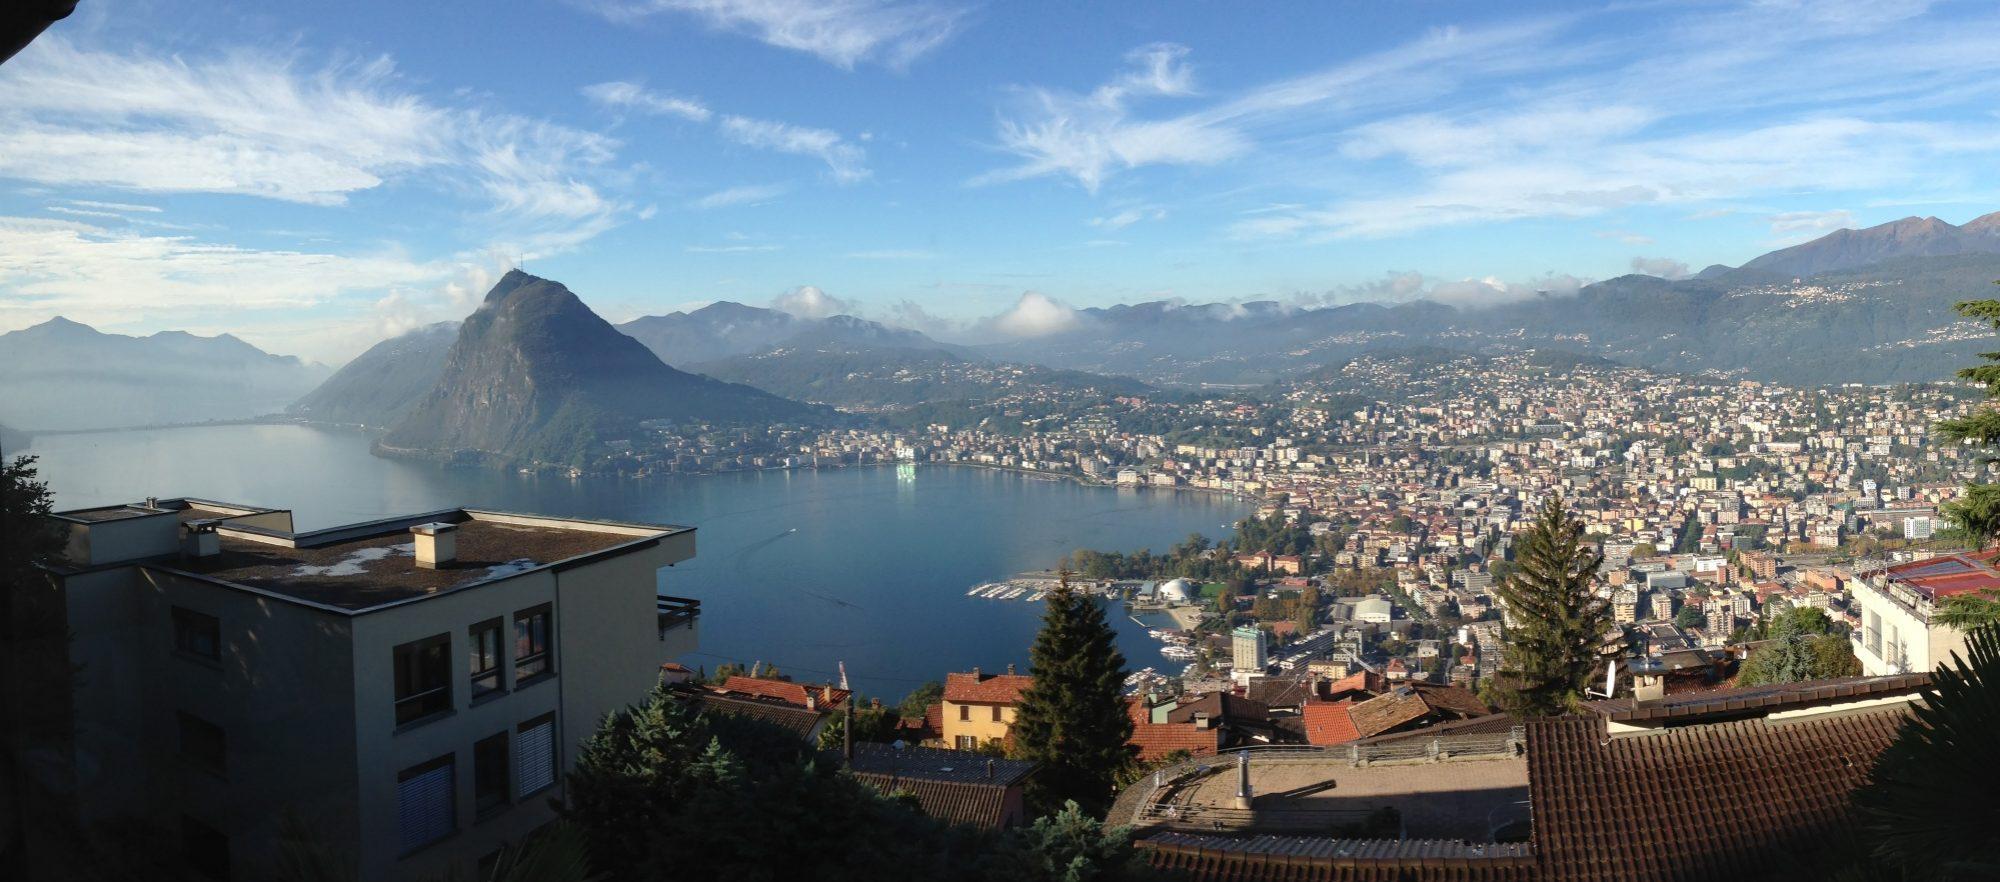 Nido di Rondine - Lugano Aldesago